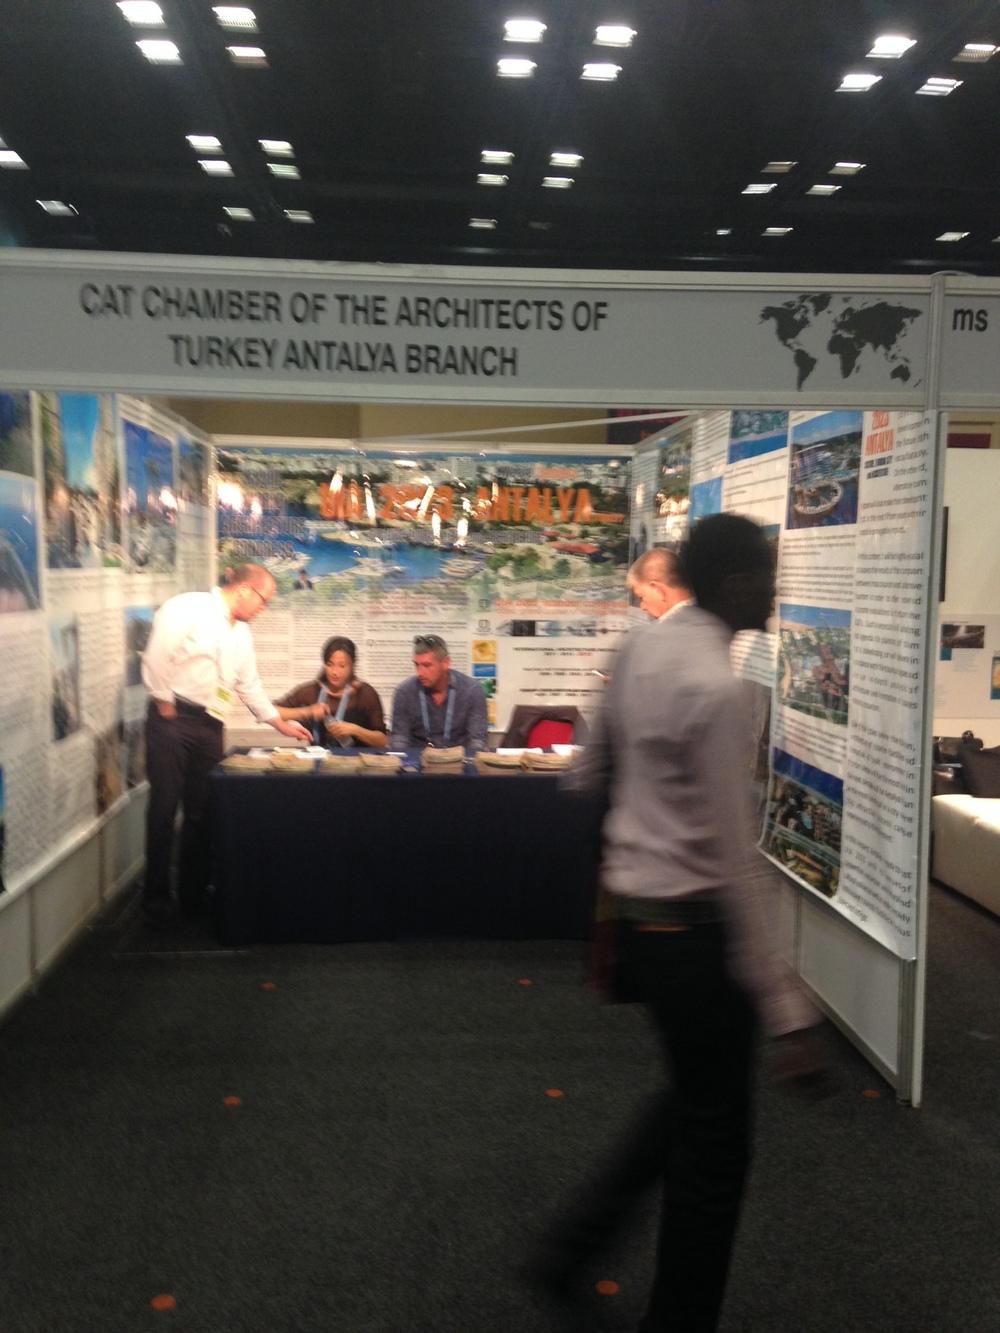 2023 UIA Dünya Mimarlık Kongresi aday adayı MO Antalya Şubesi standı